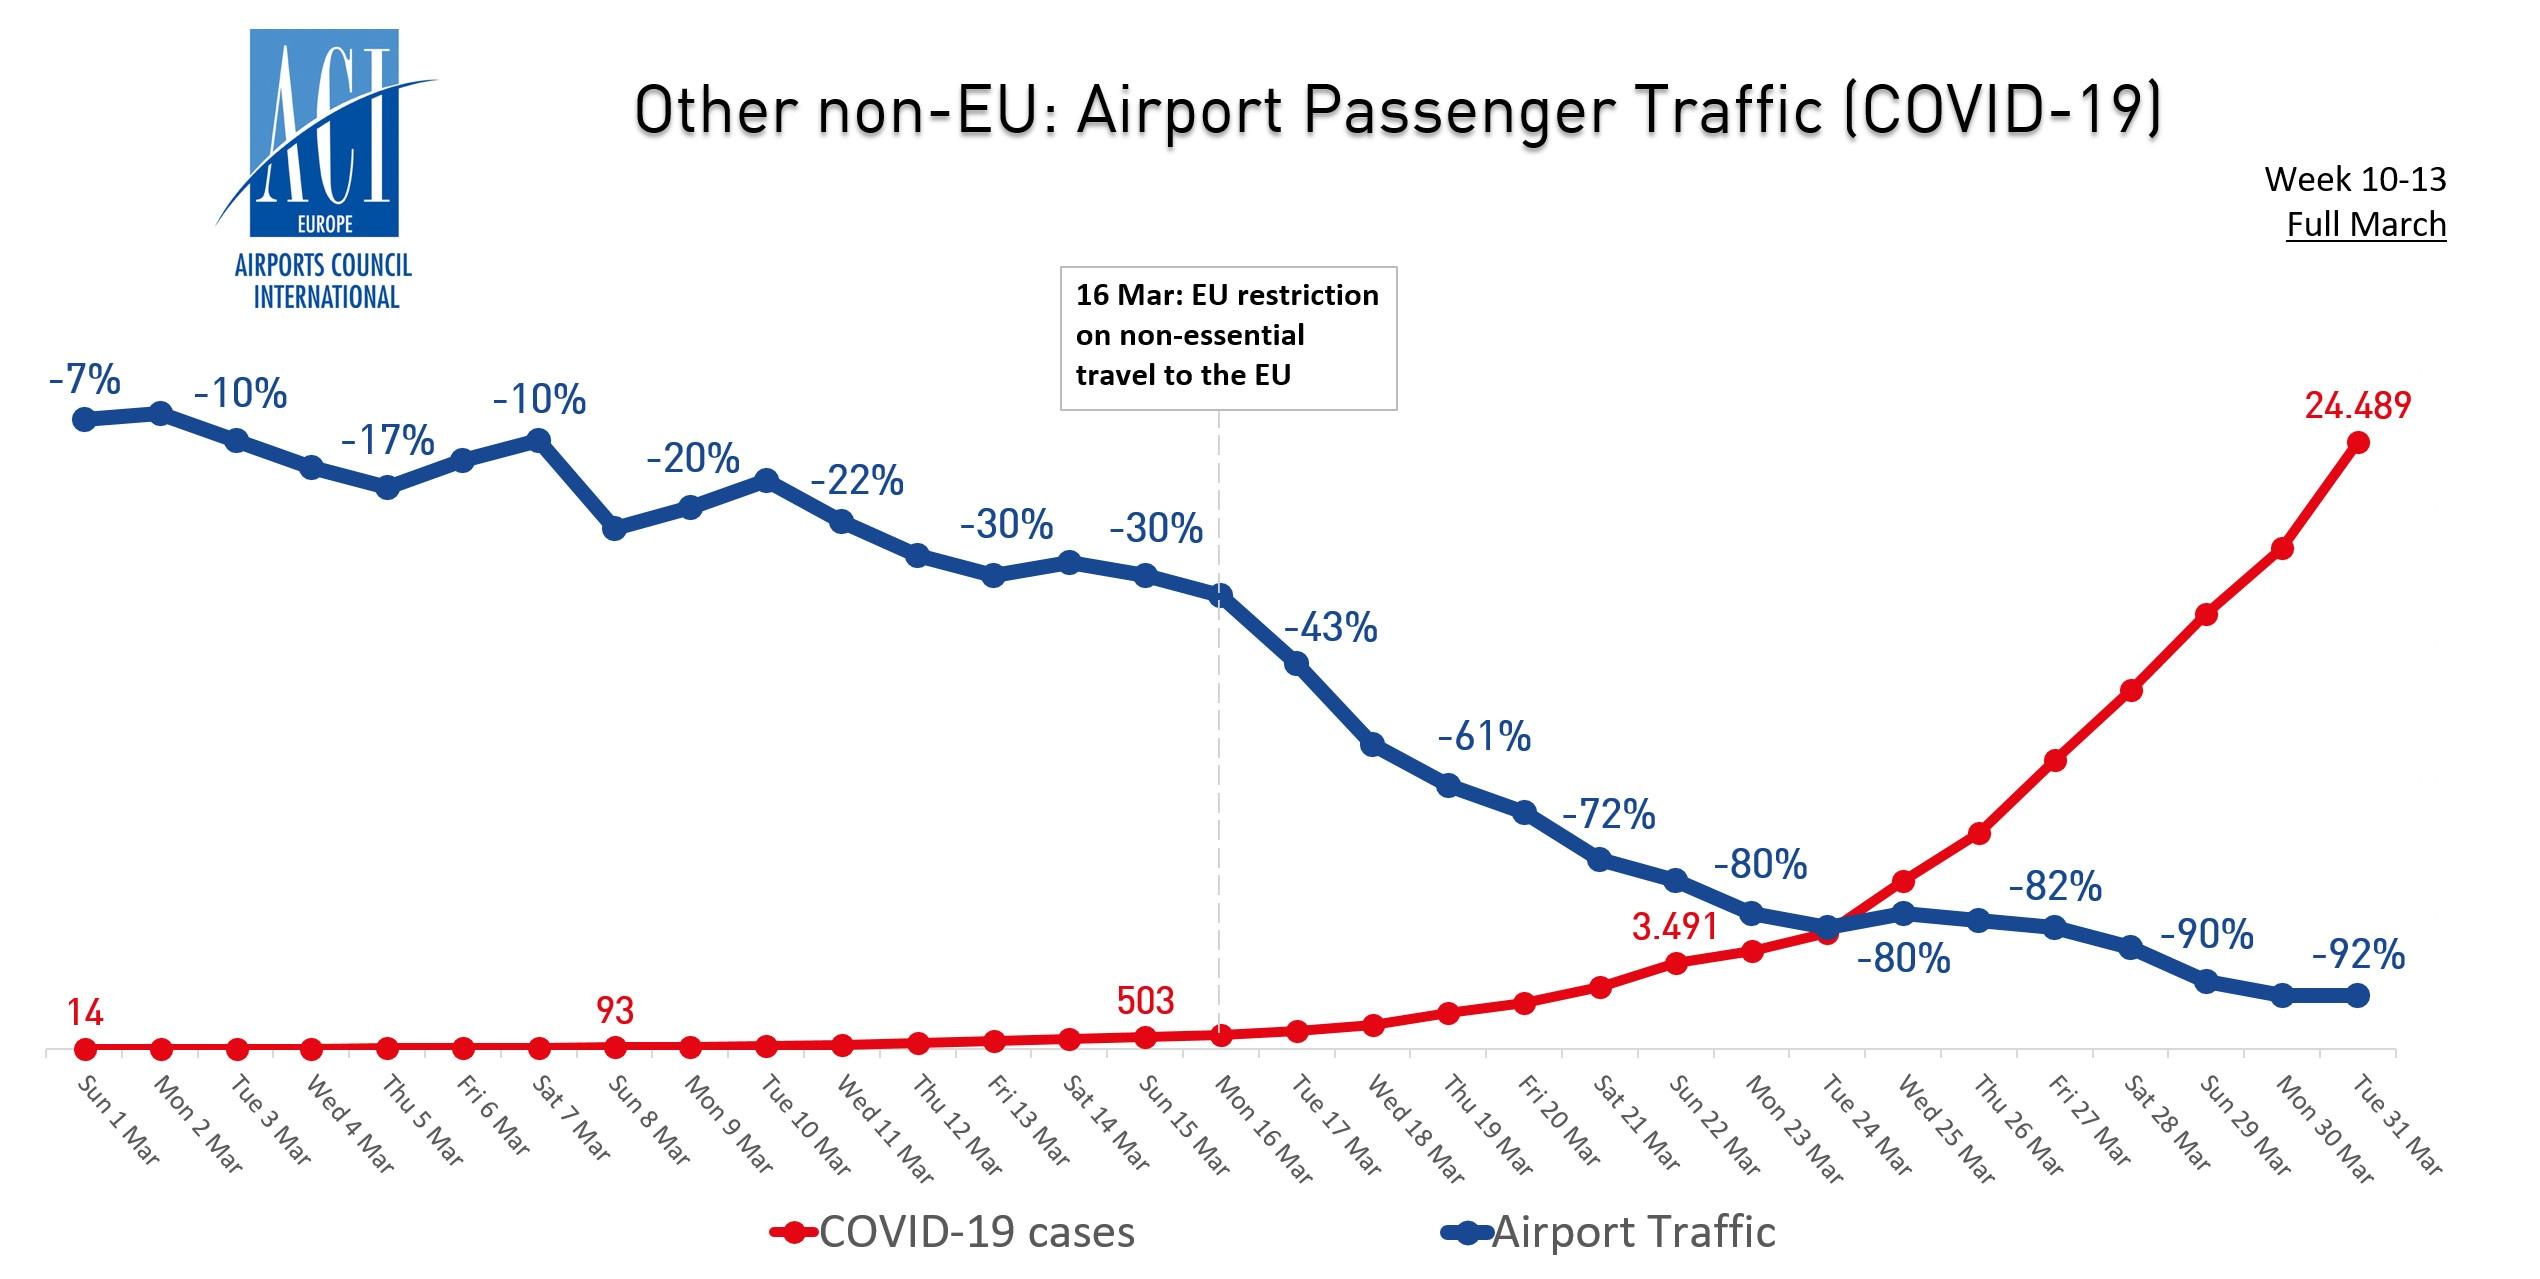 其它非欧盟机场客流量与新冠病毒病例走势图